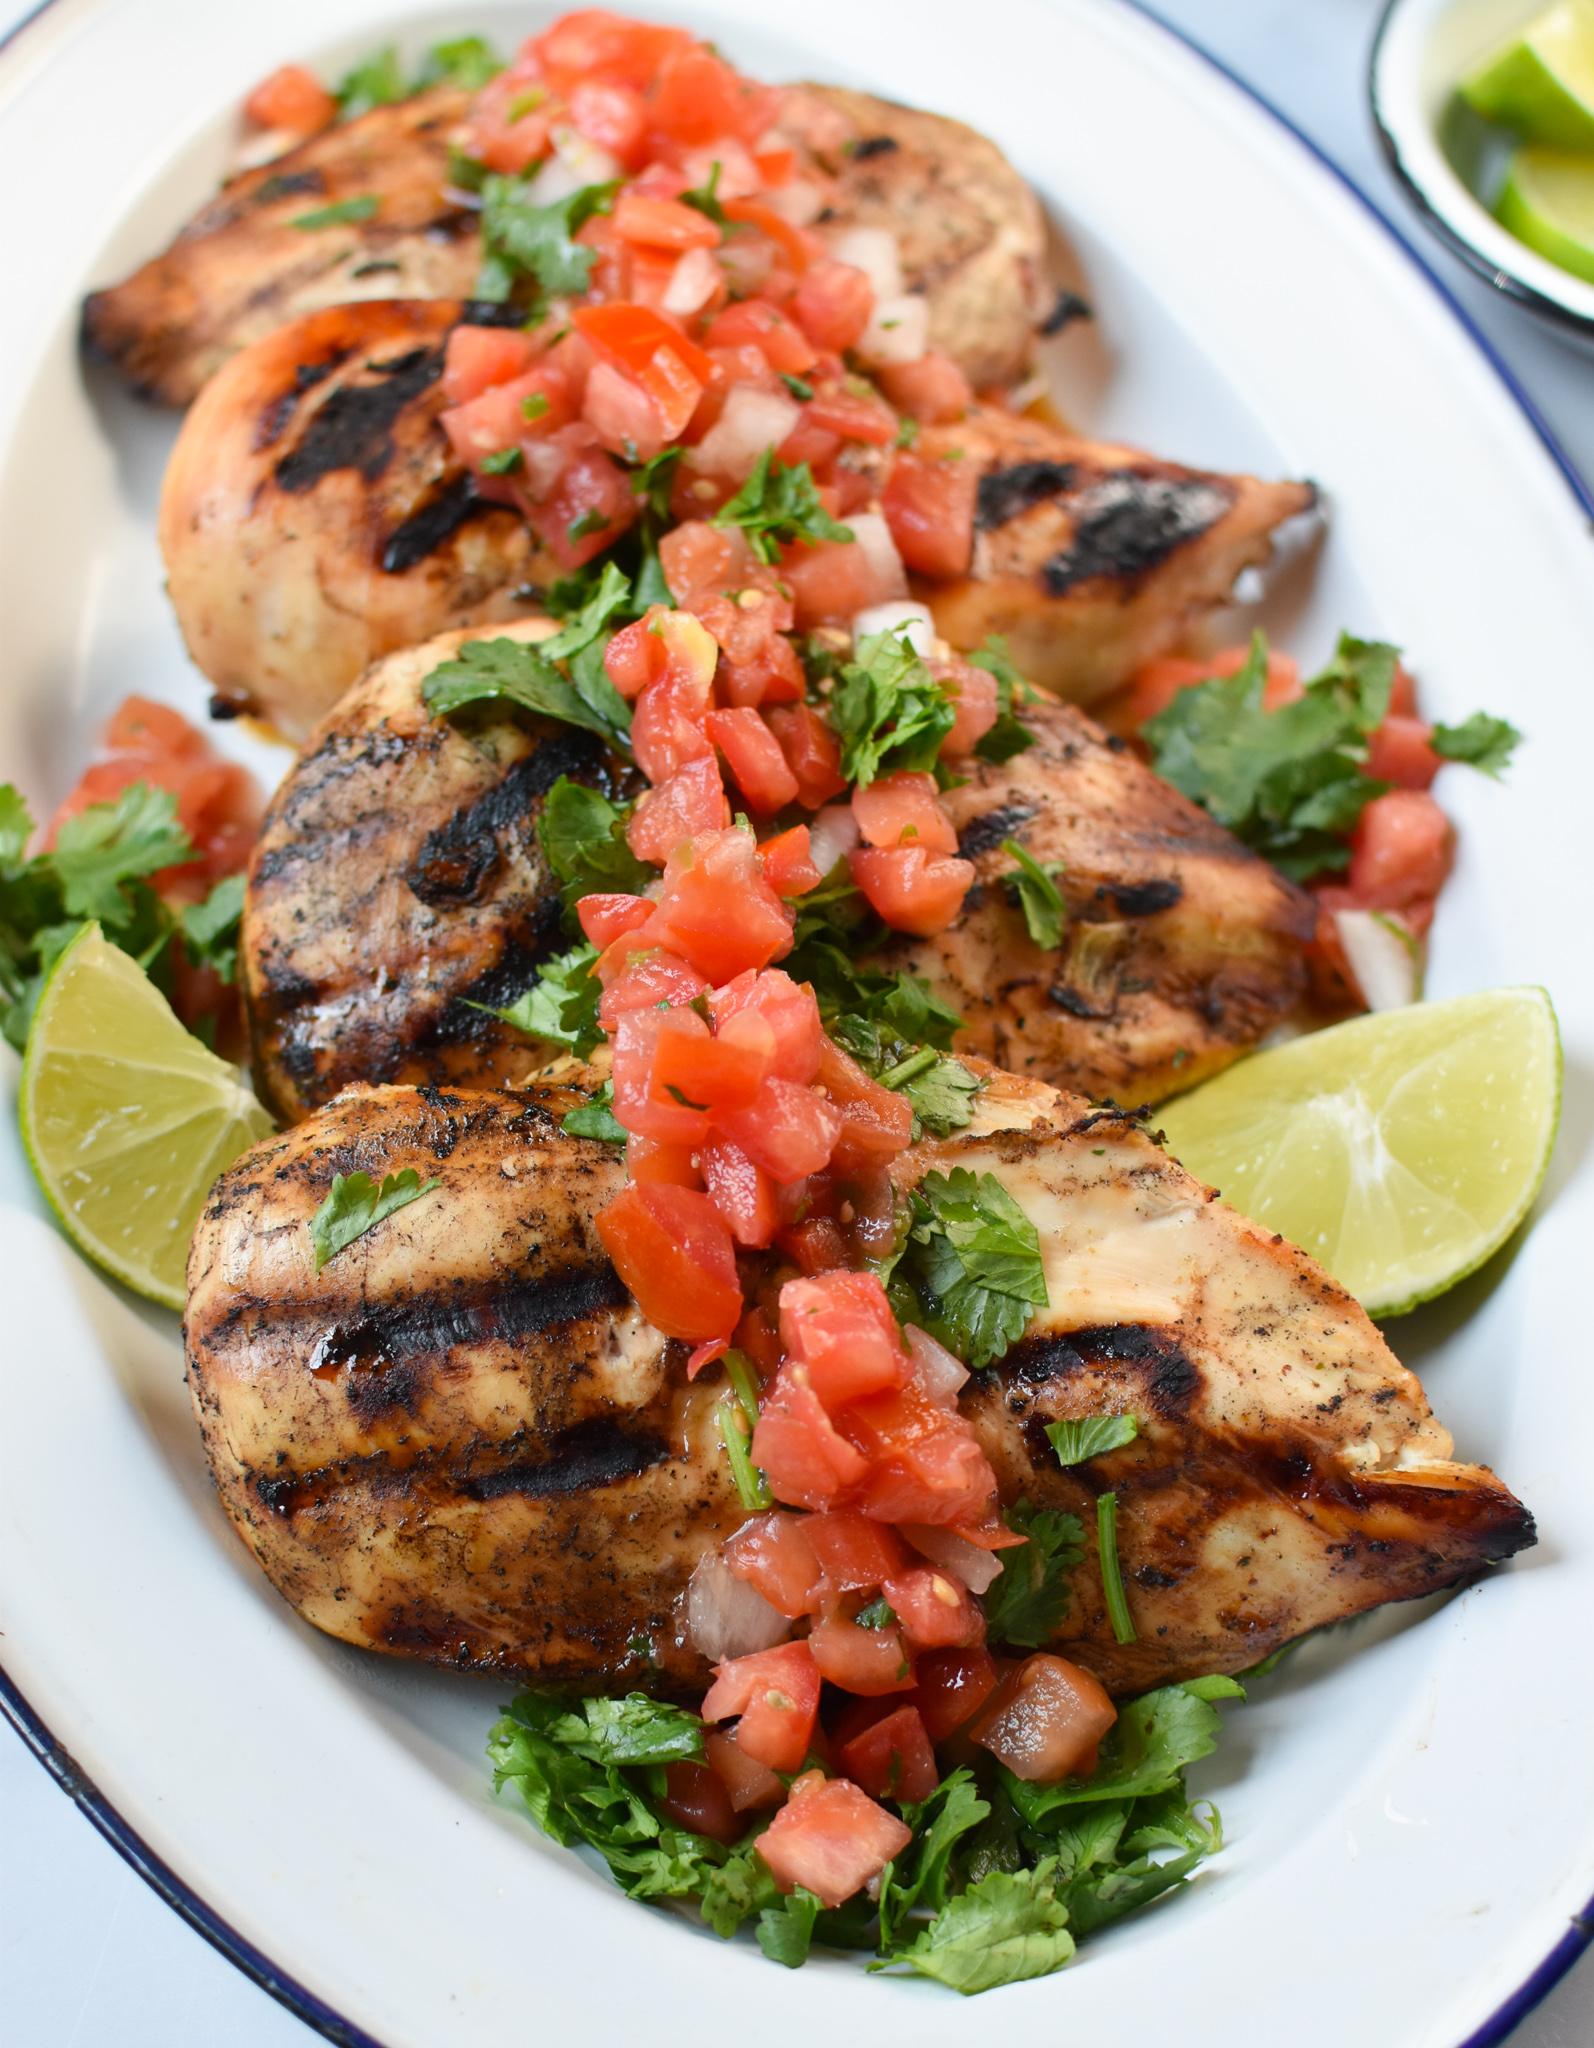 Margarita Grilled Chicken on a platter.